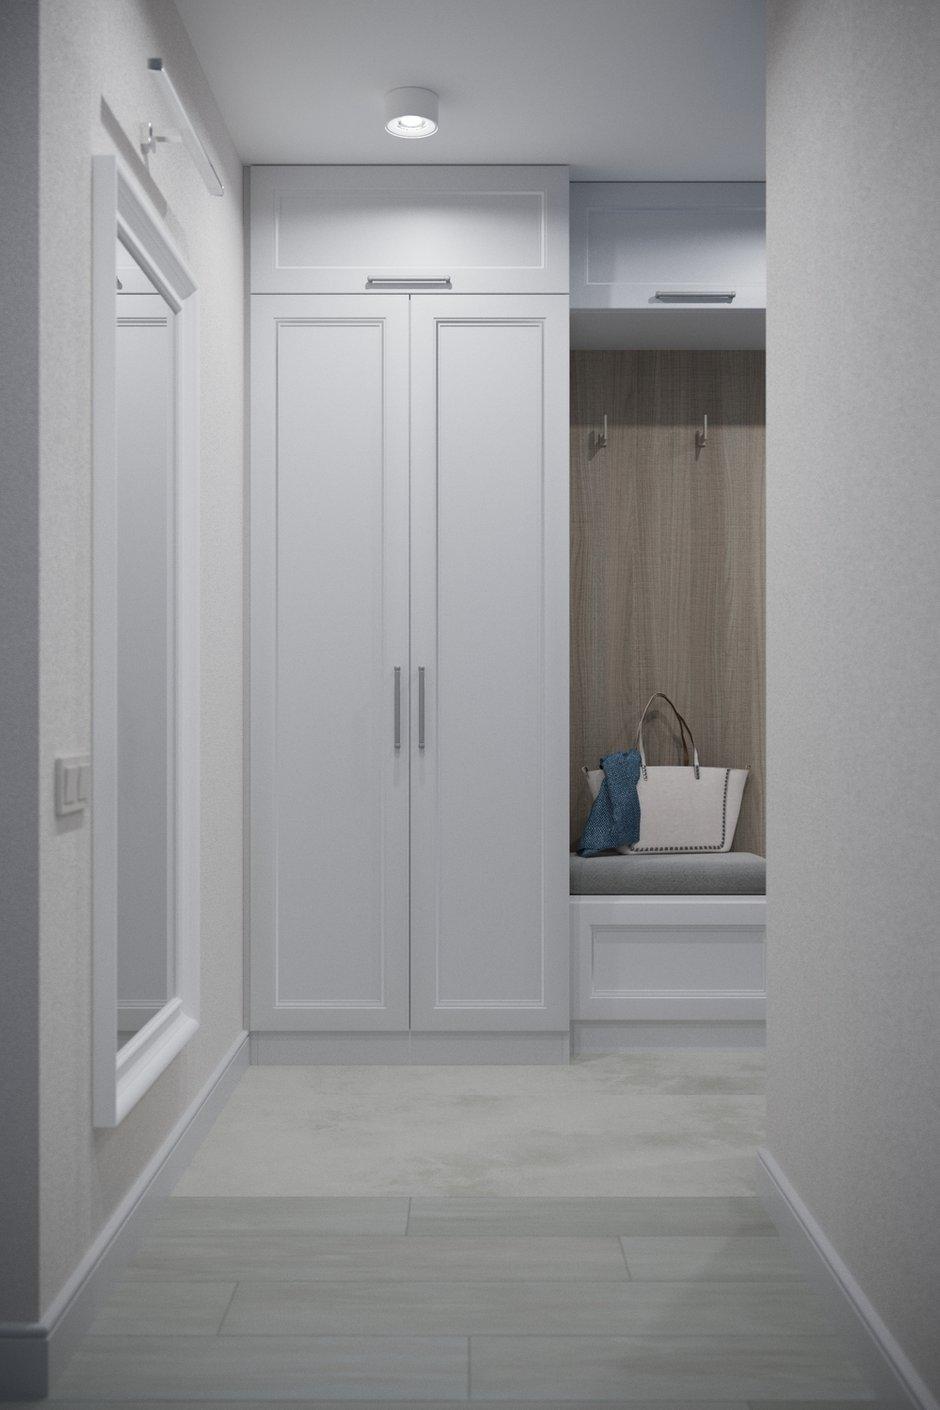 Фотография: Прихожая в стиле Современный, Квартира, Проект недели, Минск, 3 комнаты, 60-90 метров, Protena – фото на INMYROOM